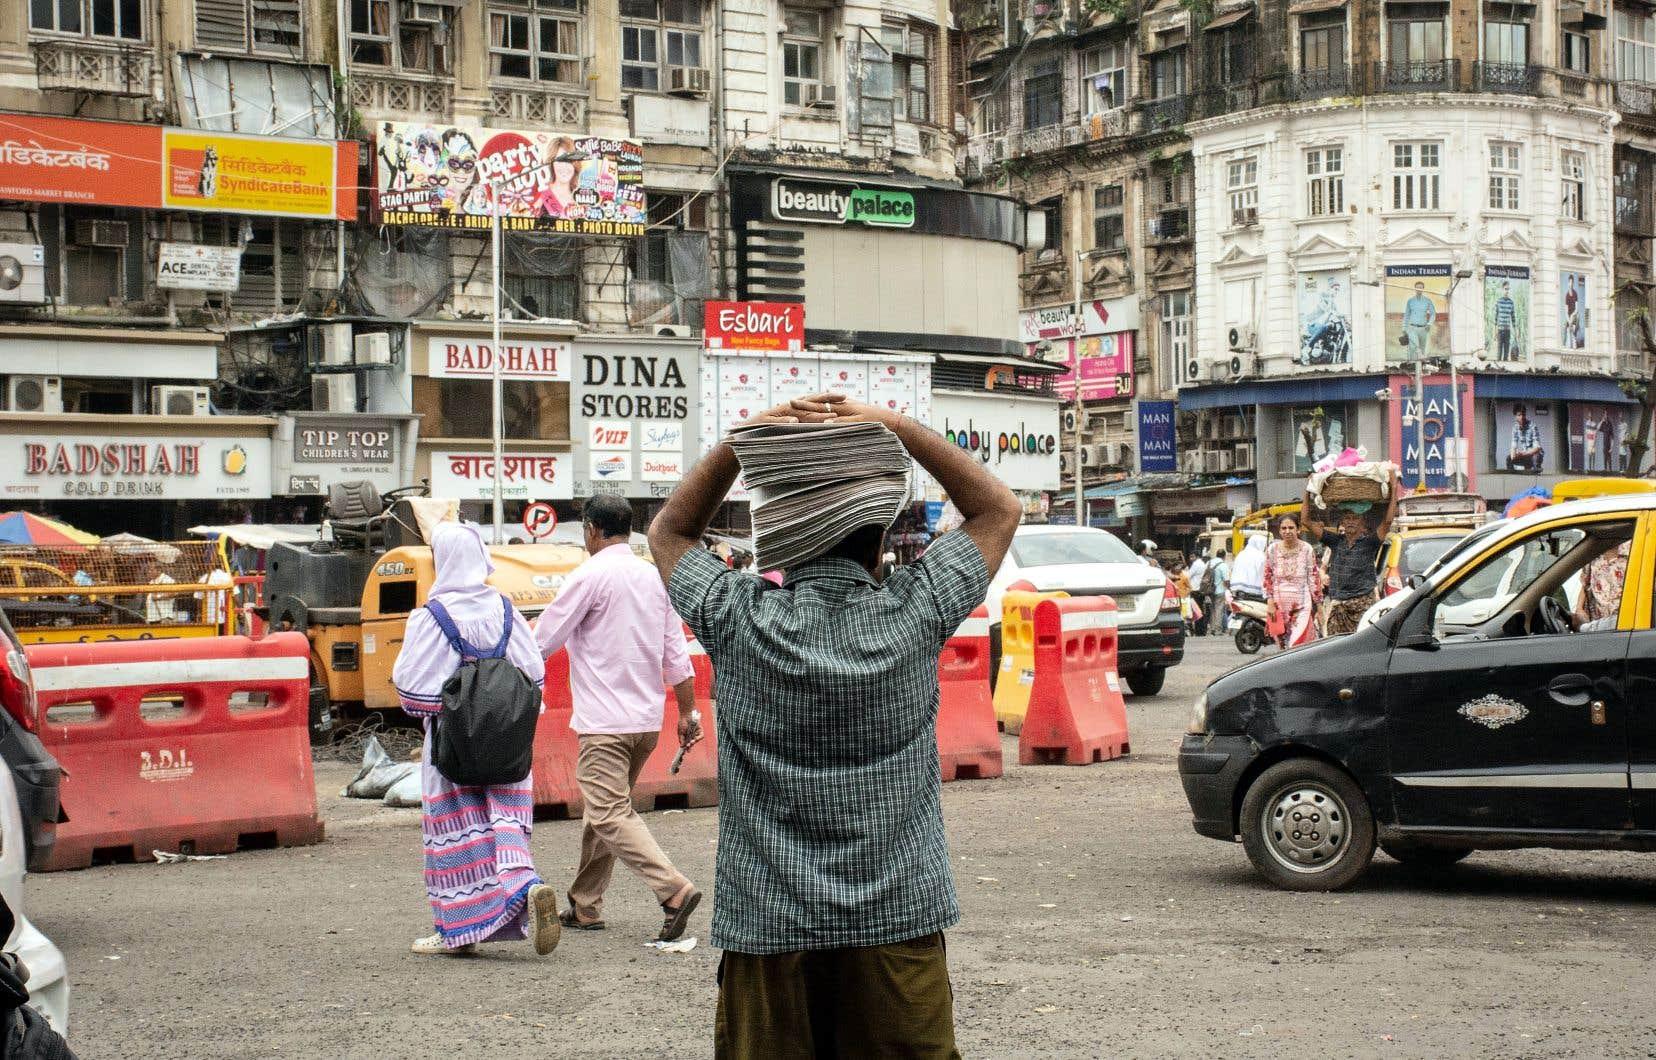 L'urbanisation rapide de l'Inde est une «nourriture providentielle» pour la presse écrite: entre 2014 et 2050, il y aura 400 millions d'Indiens de plus dans les villes. Des générations entières de lecteurs dans un pays où les mots sont encore sacrés… surtout sur papier.